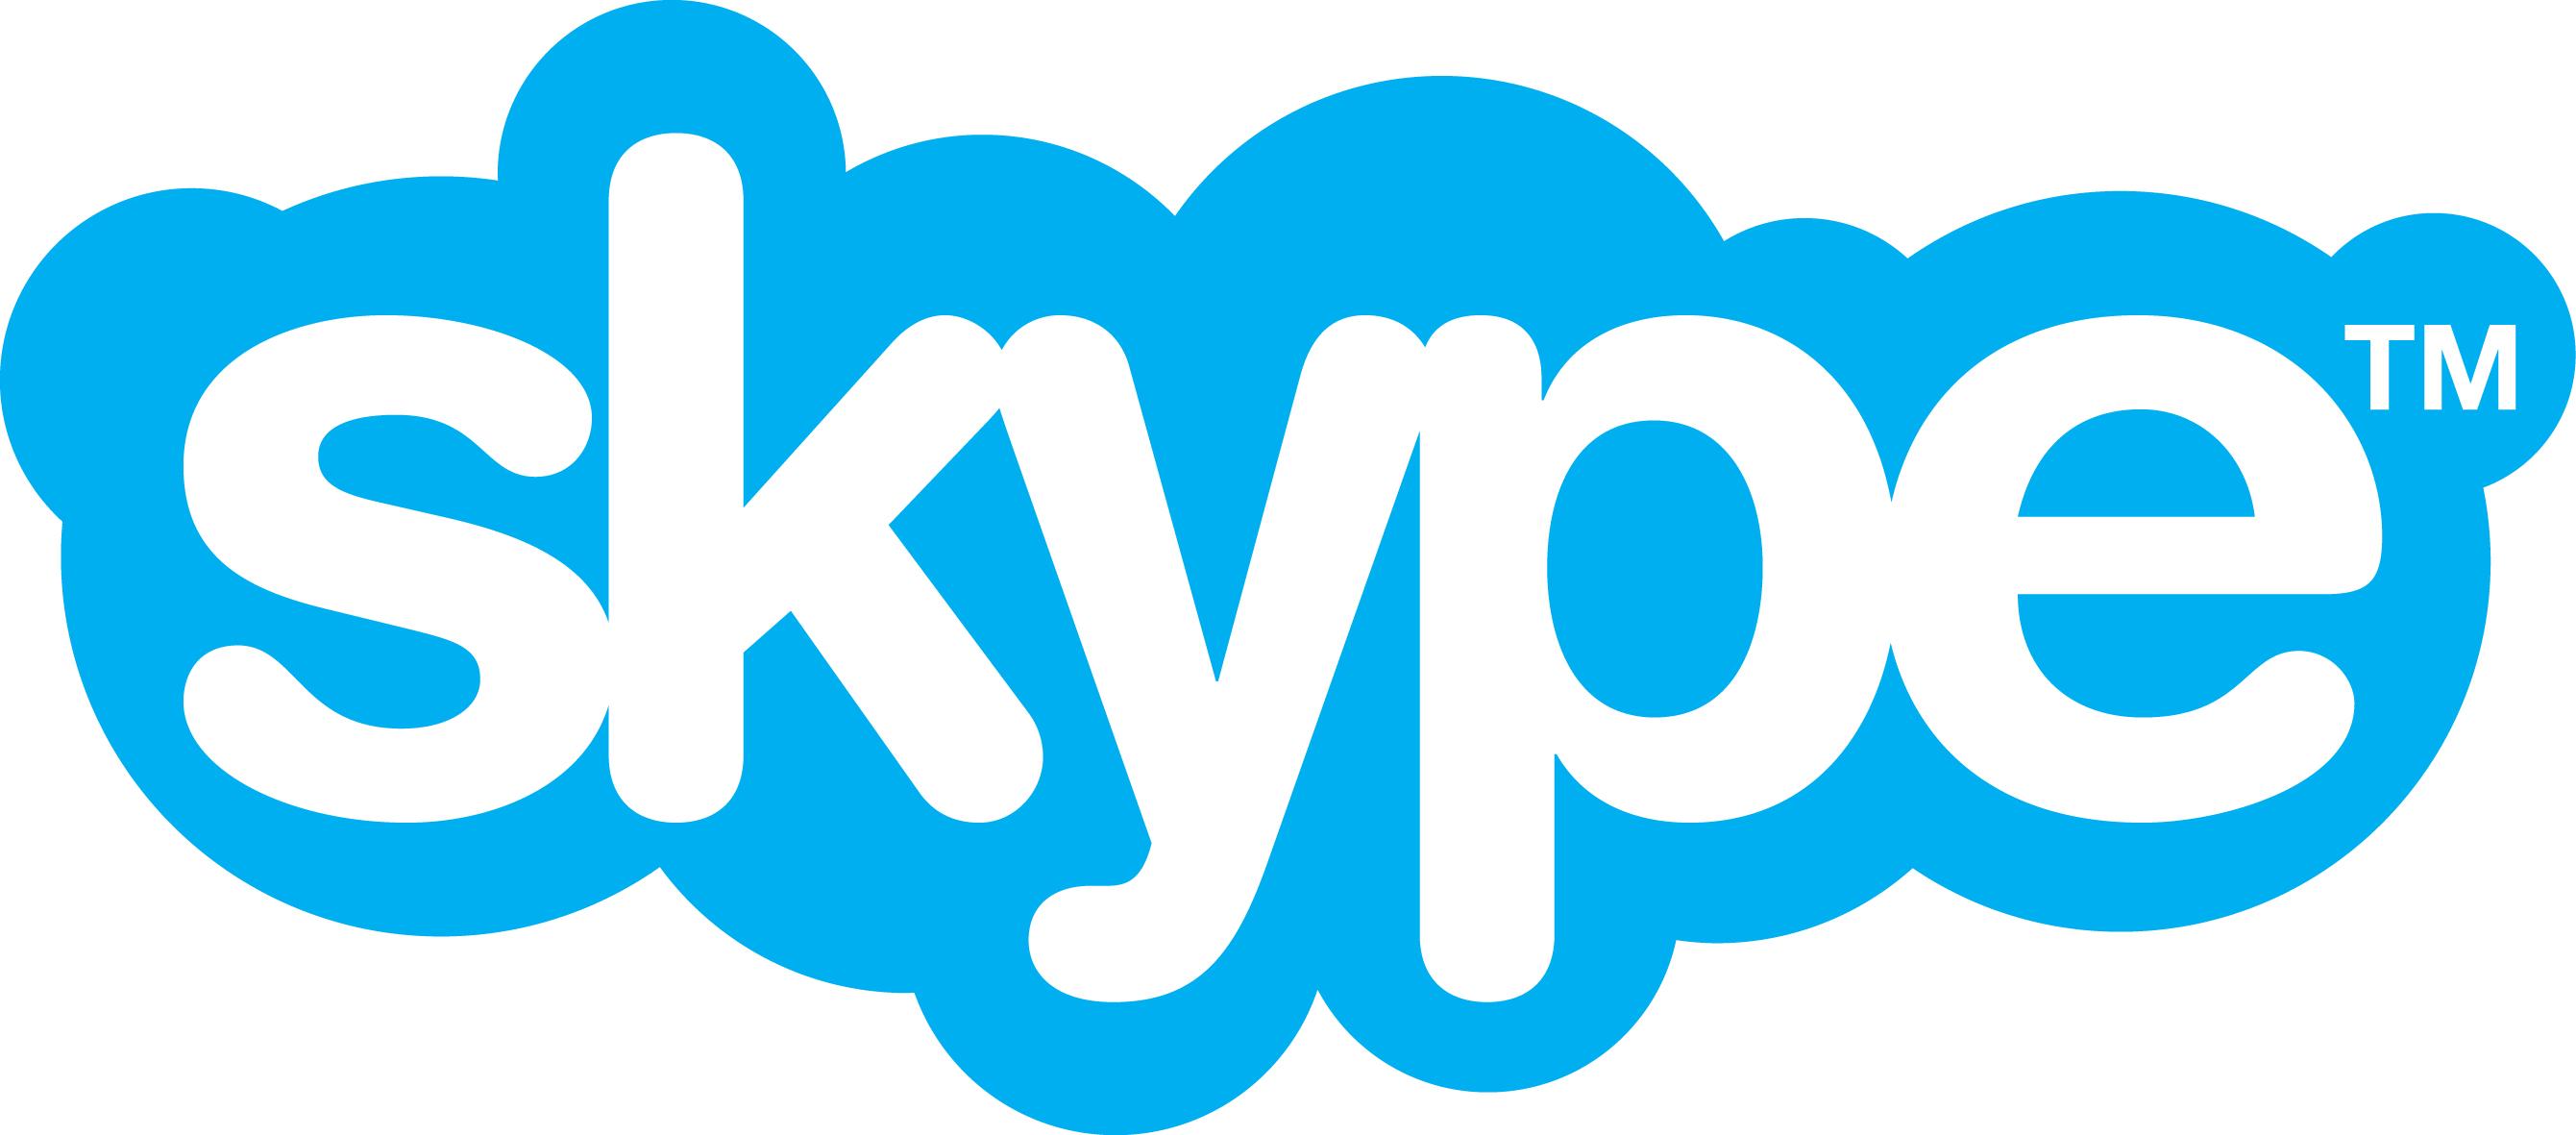 Tên các thương hiệu nổi tiếng - Skype